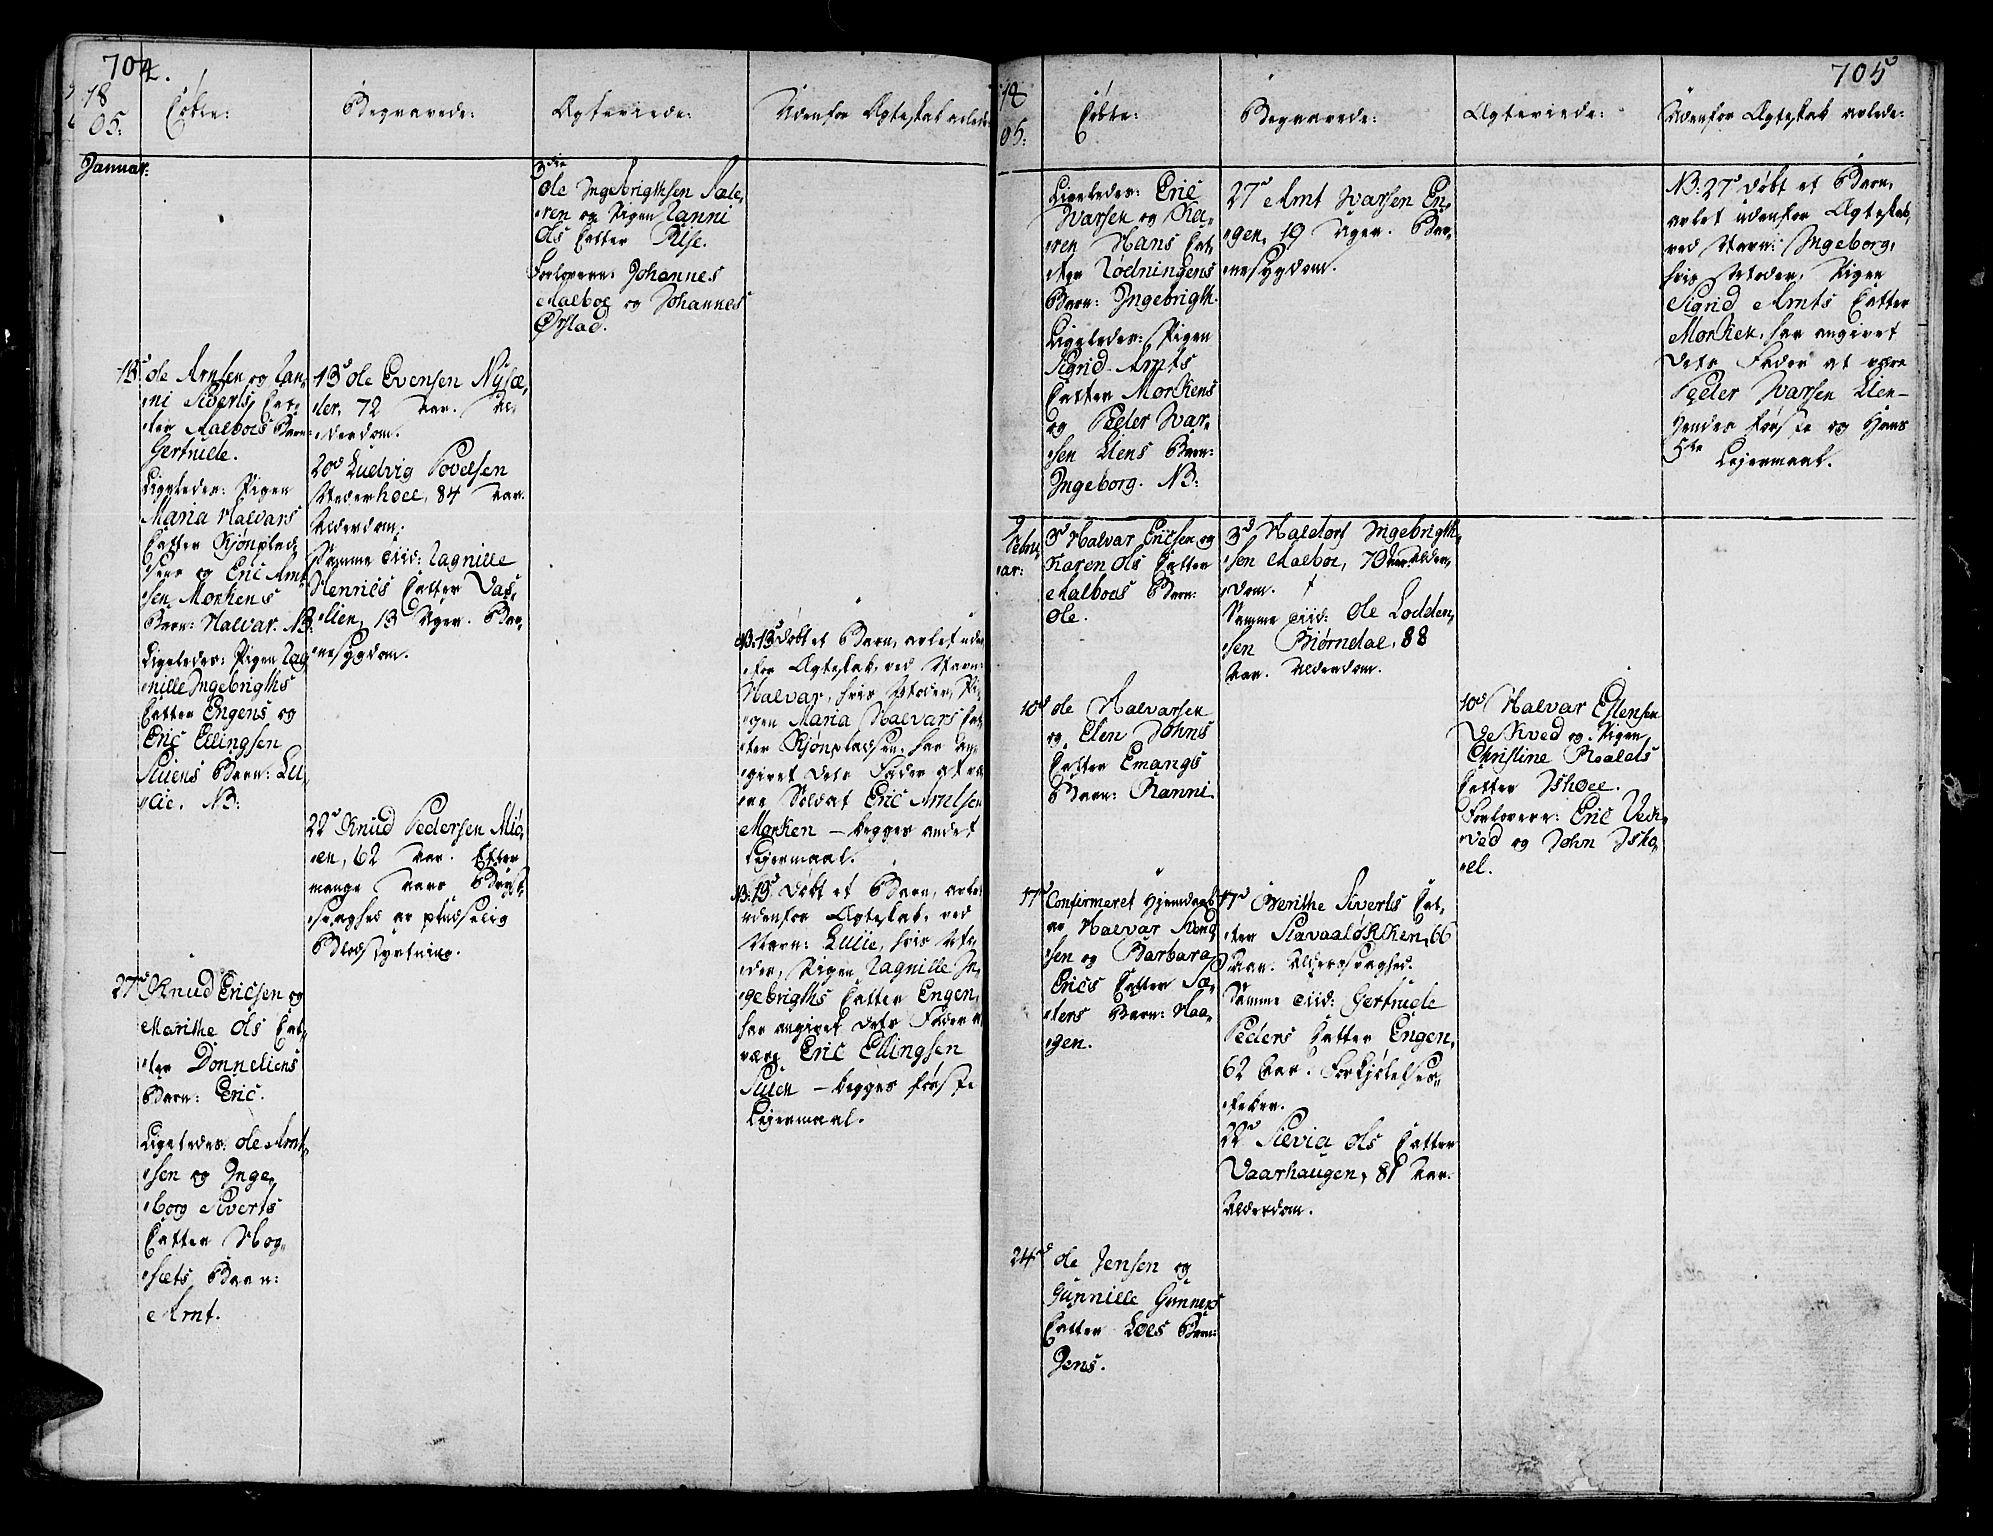 SAT, Ministerialprotokoller, klokkerbøker og fødselsregistre - Sør-Trøndelag, 678/L0893: Ministerialbok nr. 678A03, 1792-1805, s. 704-705